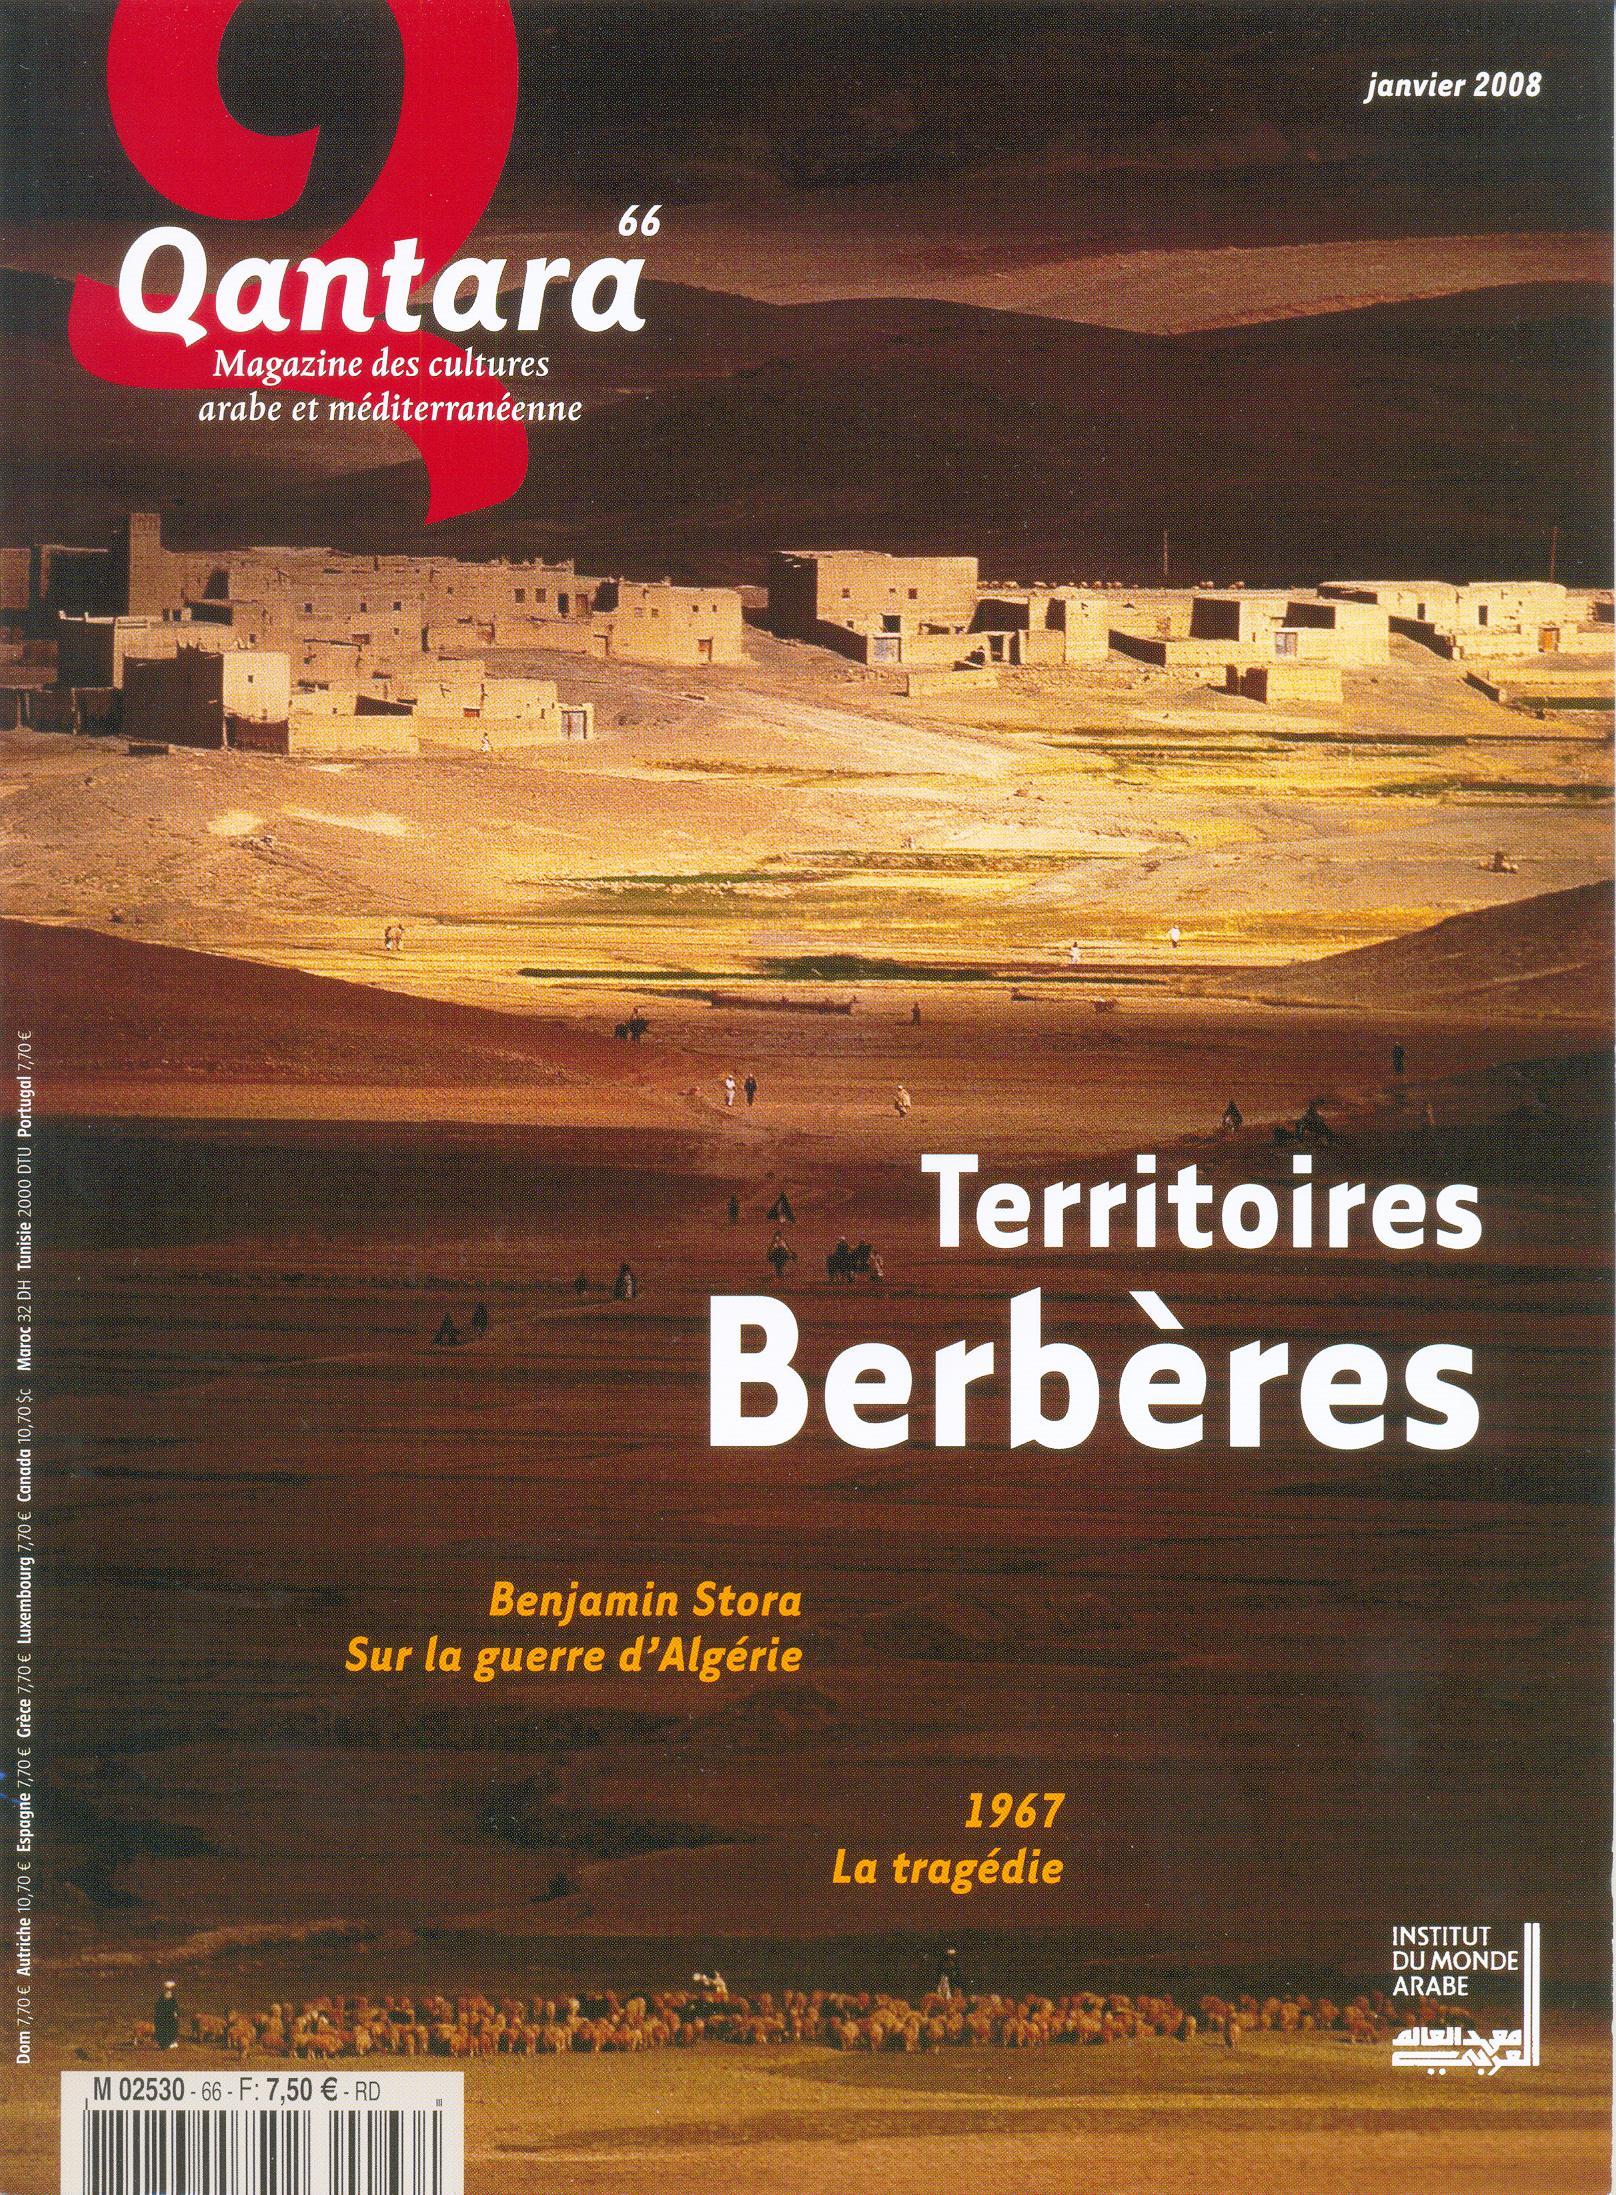 Qantara 2008